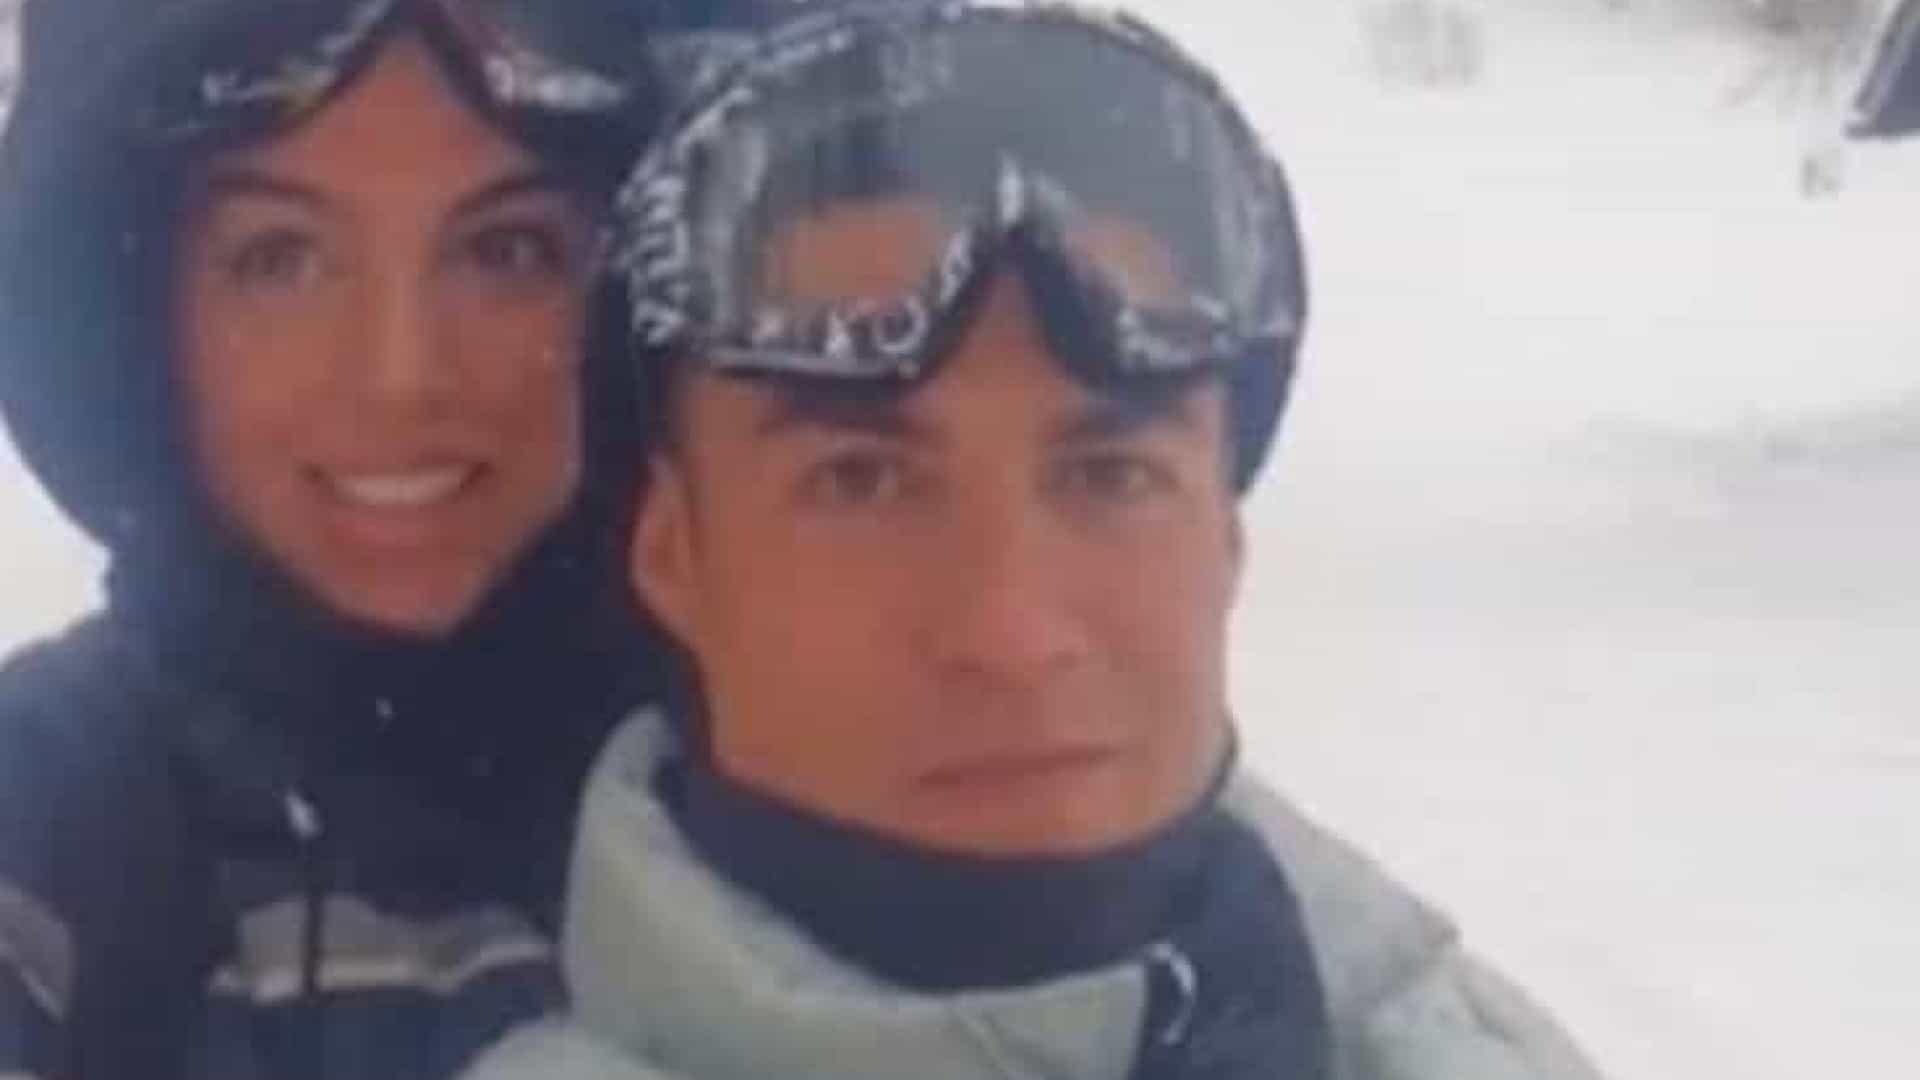 naom 6012f43ff3551 - Cristiano Ronaldo viaja com esposa e pode ser multado por quebrar o isolamento